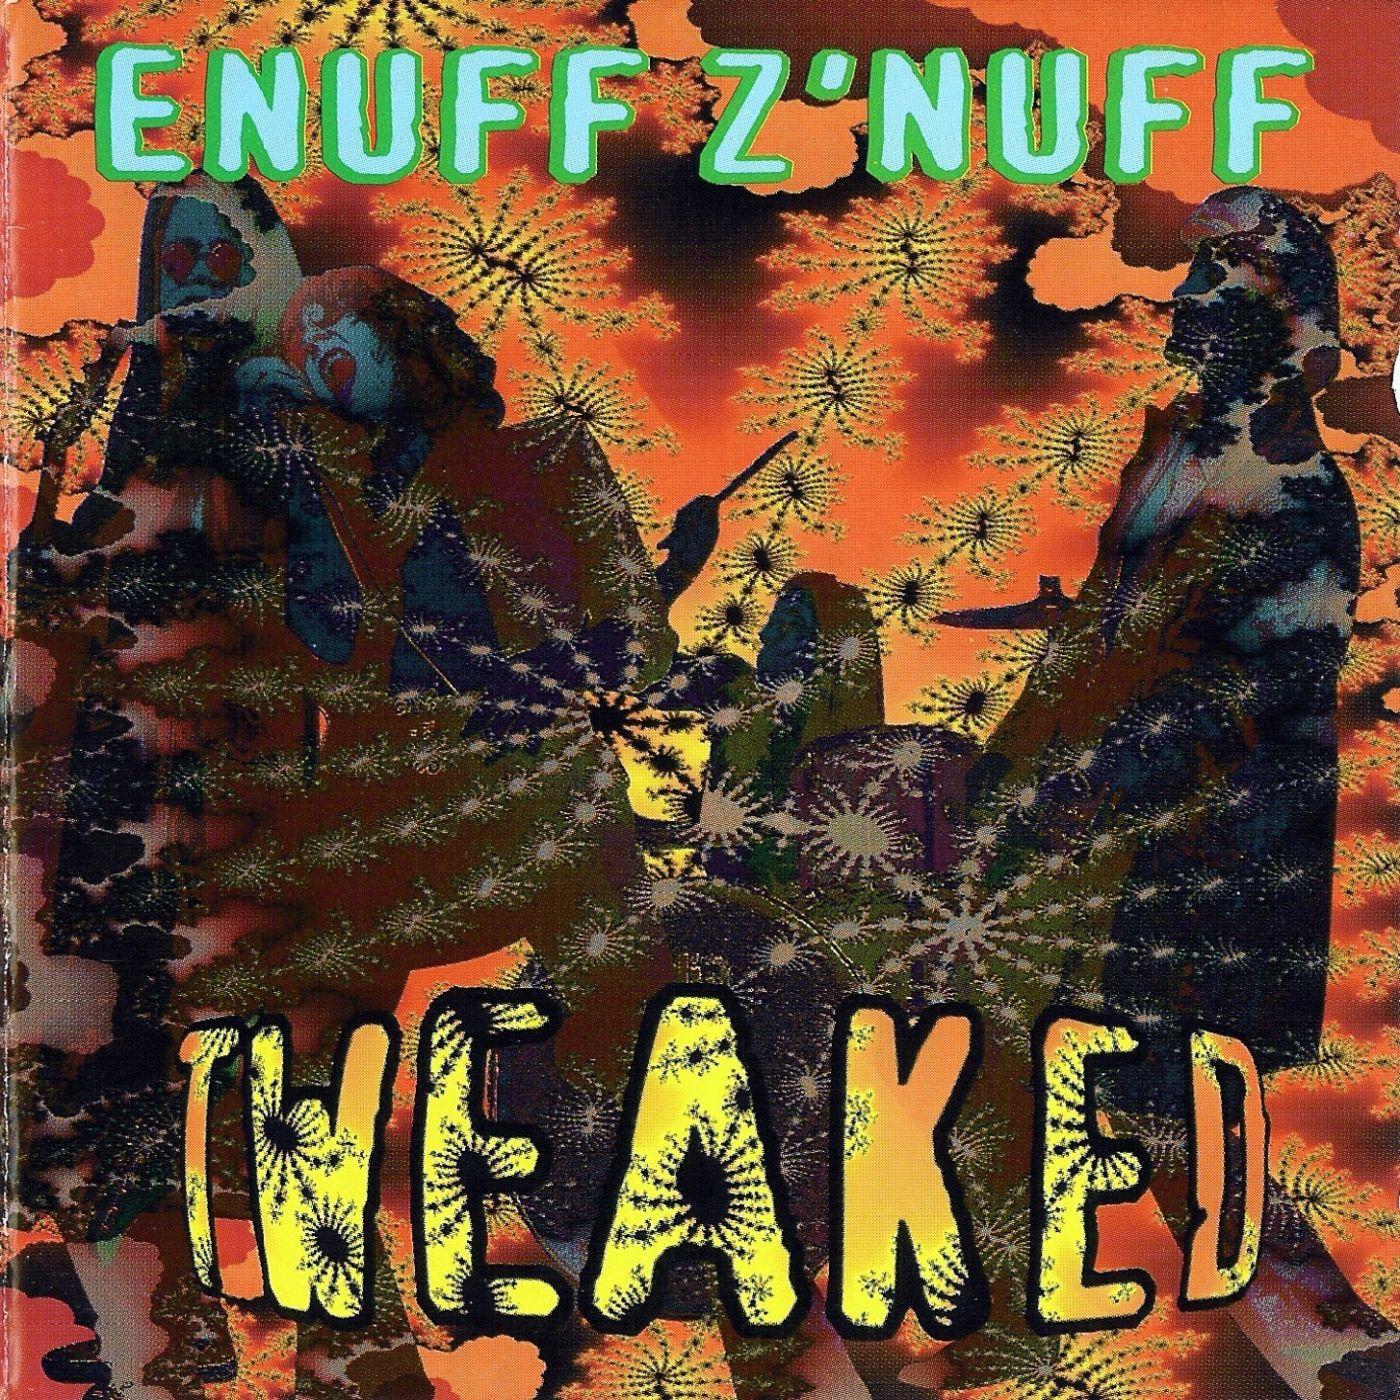 Enuff Z'Nuff,una banda sin suerte.... - Página 2 EnuffZnuffTweaked19951743_f